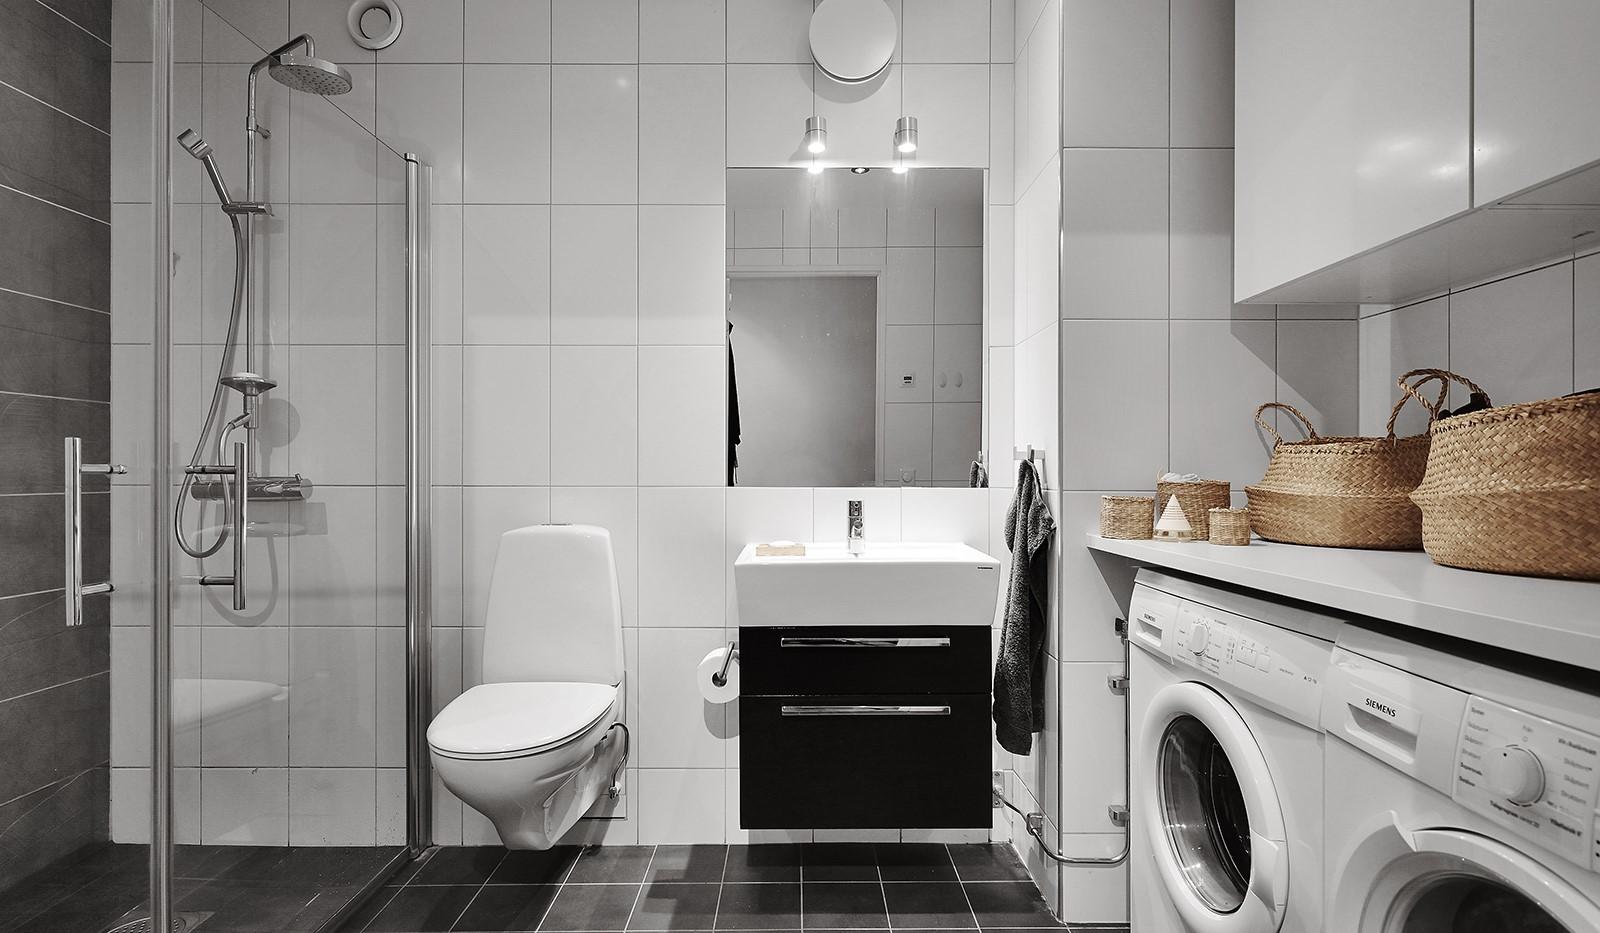 Marieviksgatan 38, 6 tr - Modernt badrum med stilrena materialval